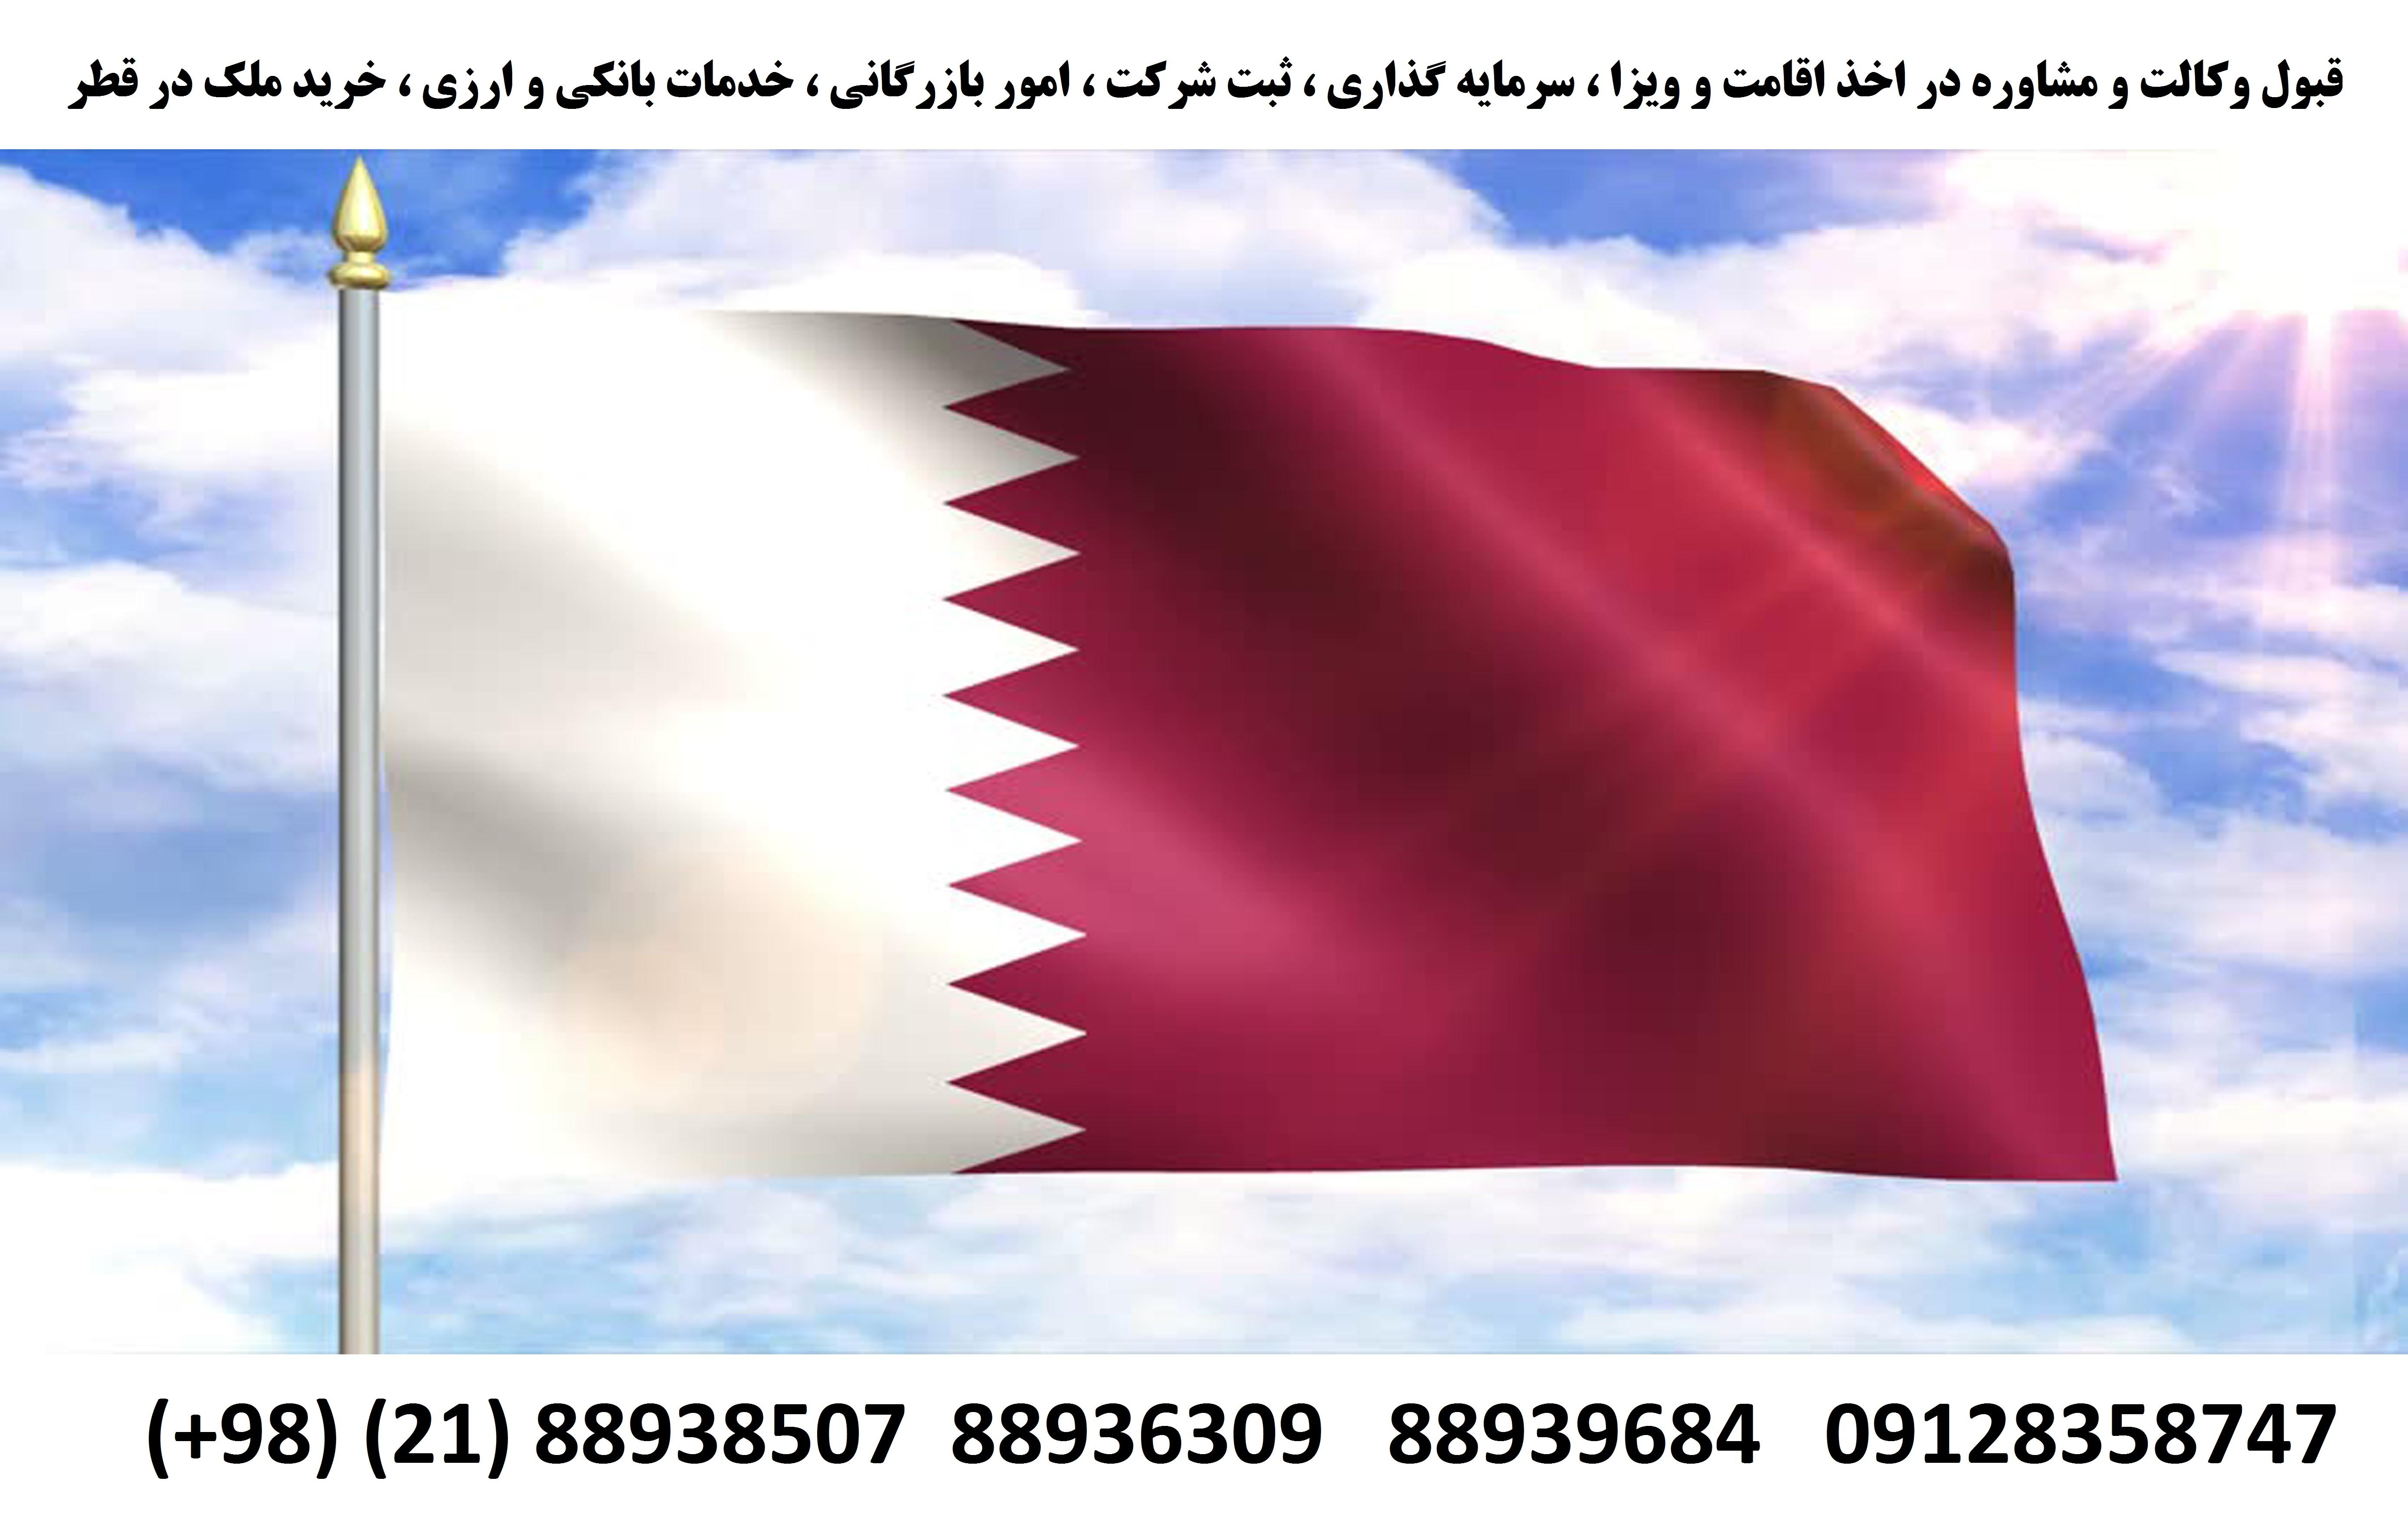 سرمایه گذاری ، خرید ملک ، اخذ اقامت ، اخذ ویزا ،؛ ویزای تحصیلی در قطر (3)